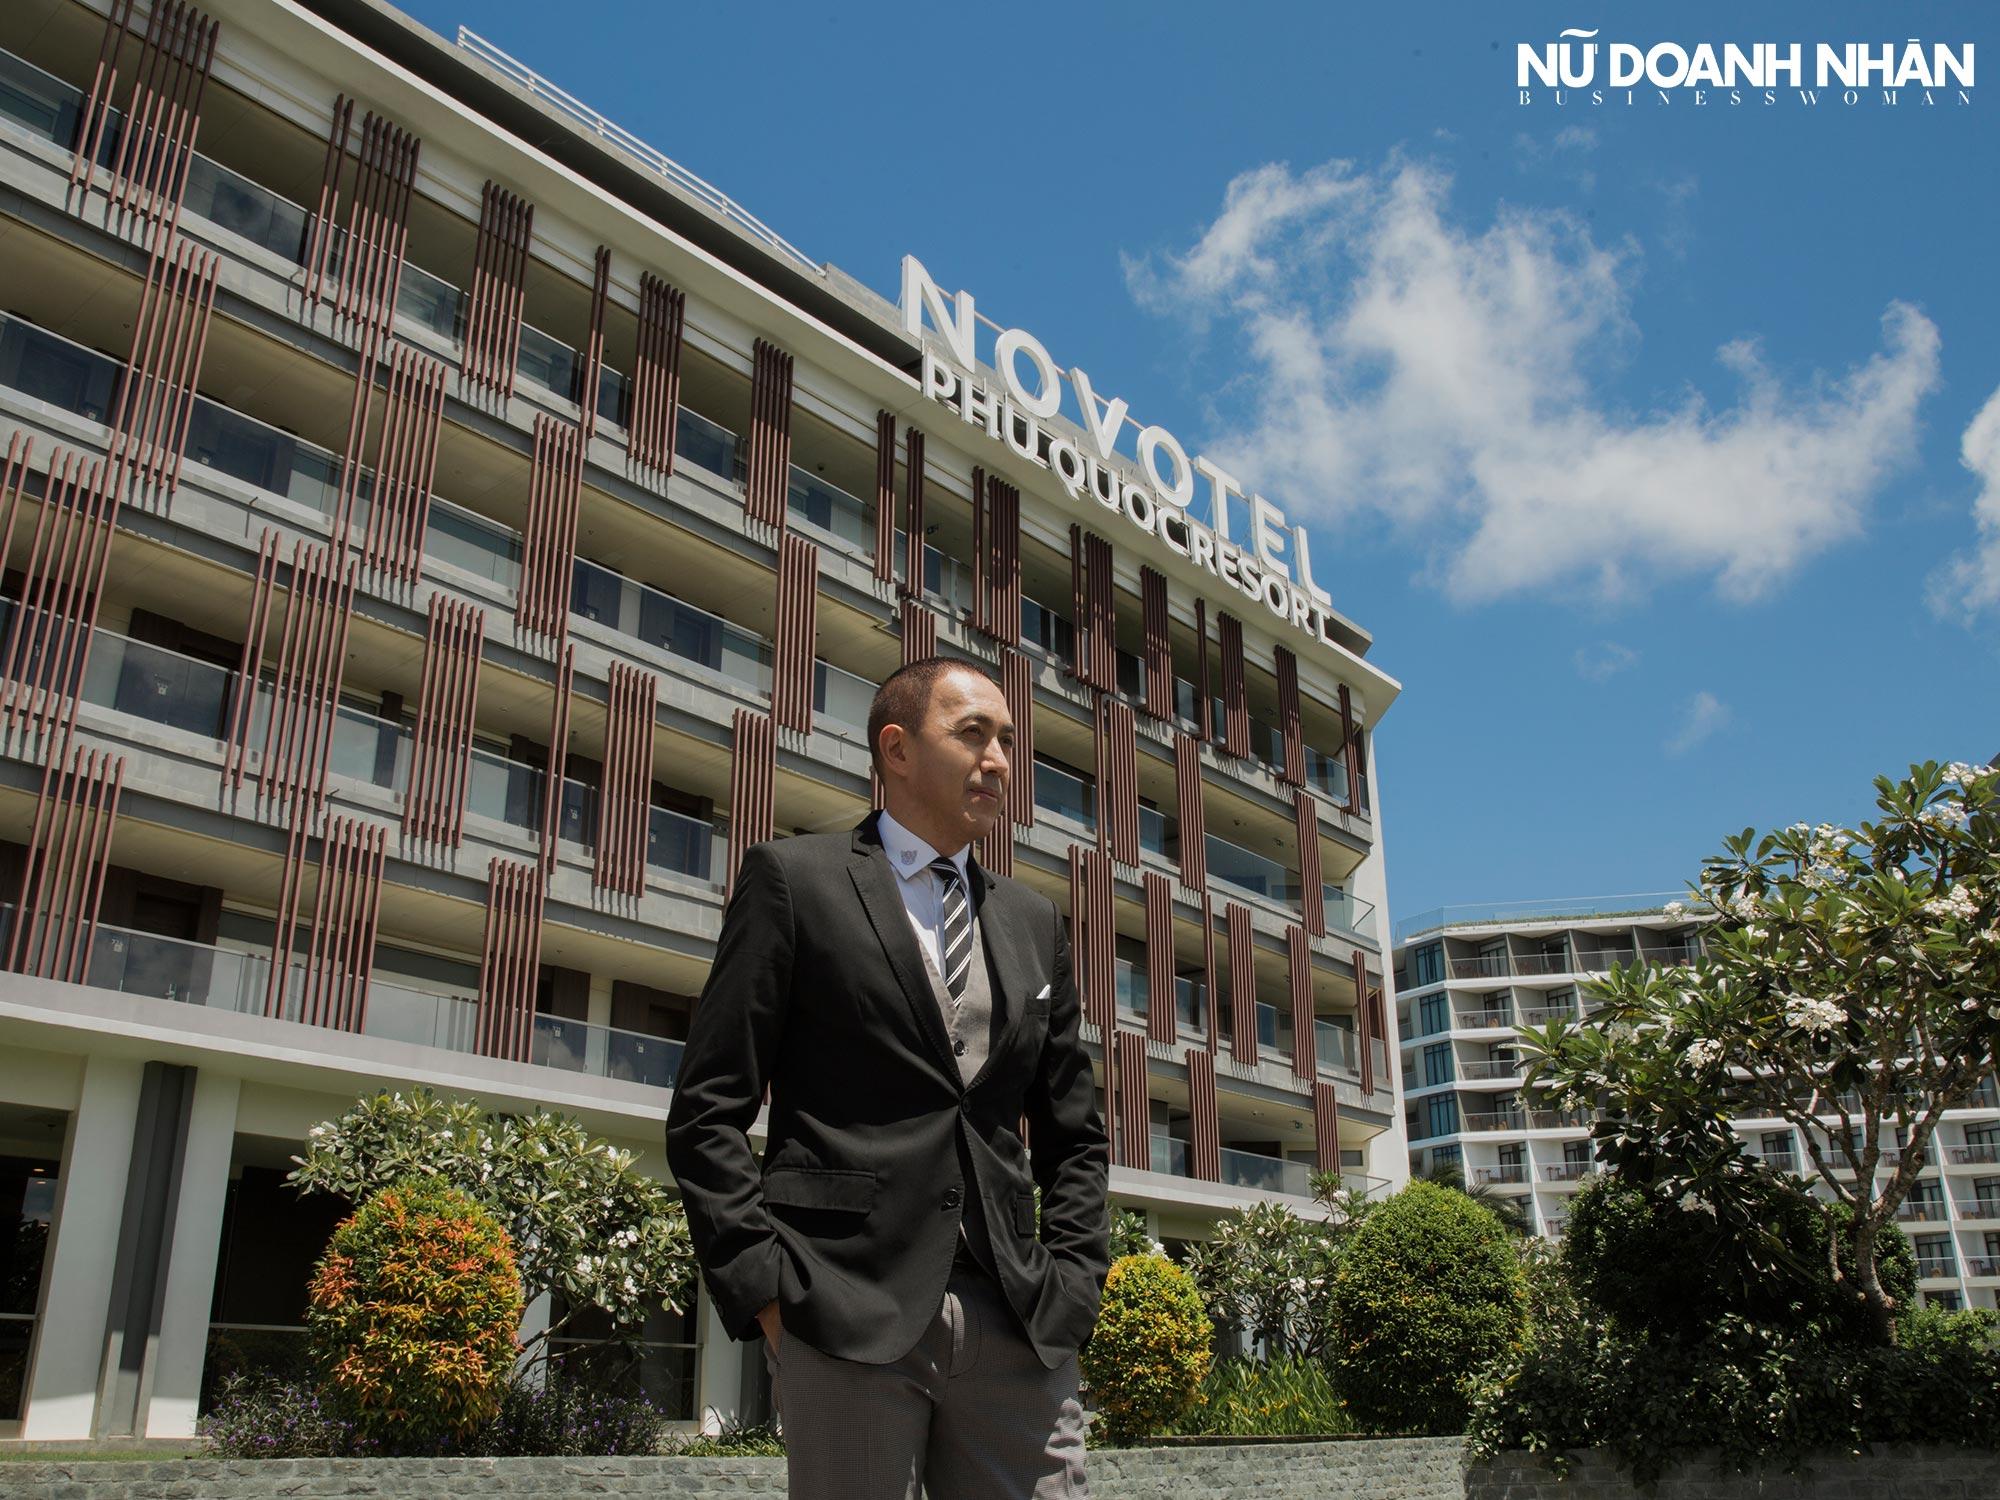 phỏng vấn tổng quản lý novotel phu quoc resort